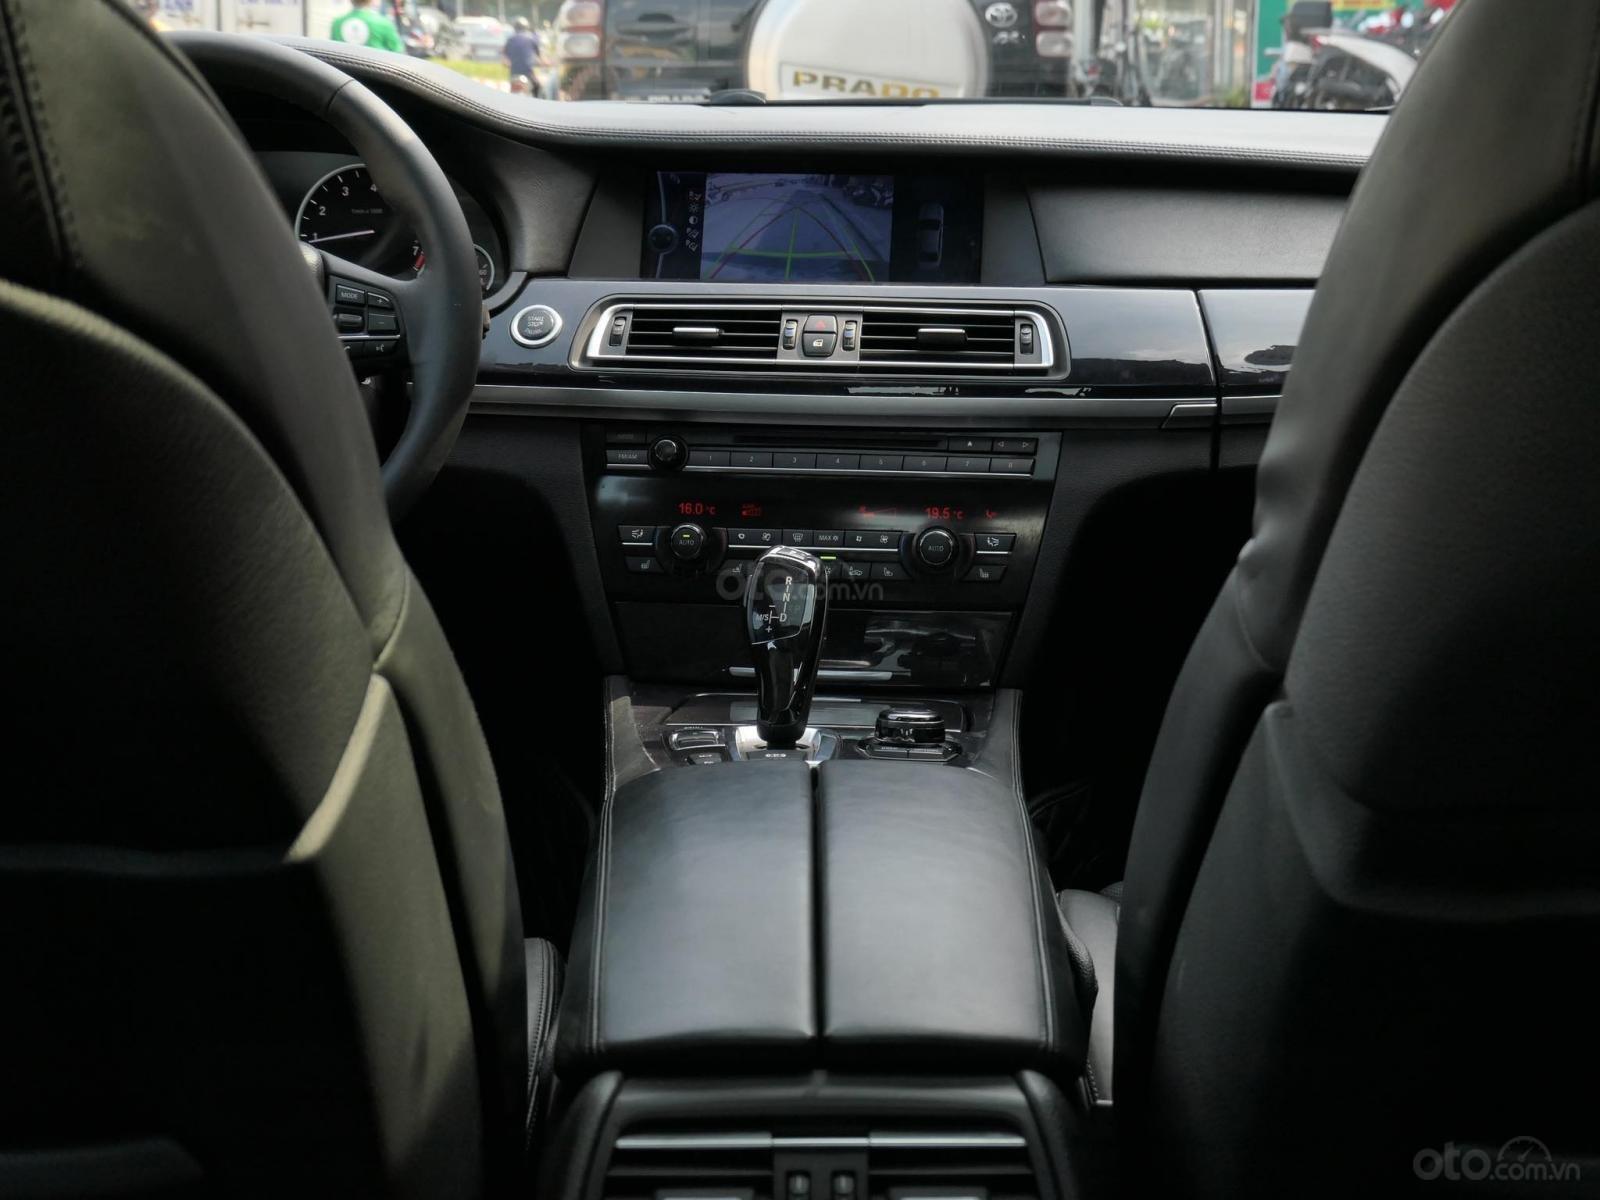 Cần bán BMW 7 Series 2010, màu đen, nhập khẩu, 880 triệu (15)